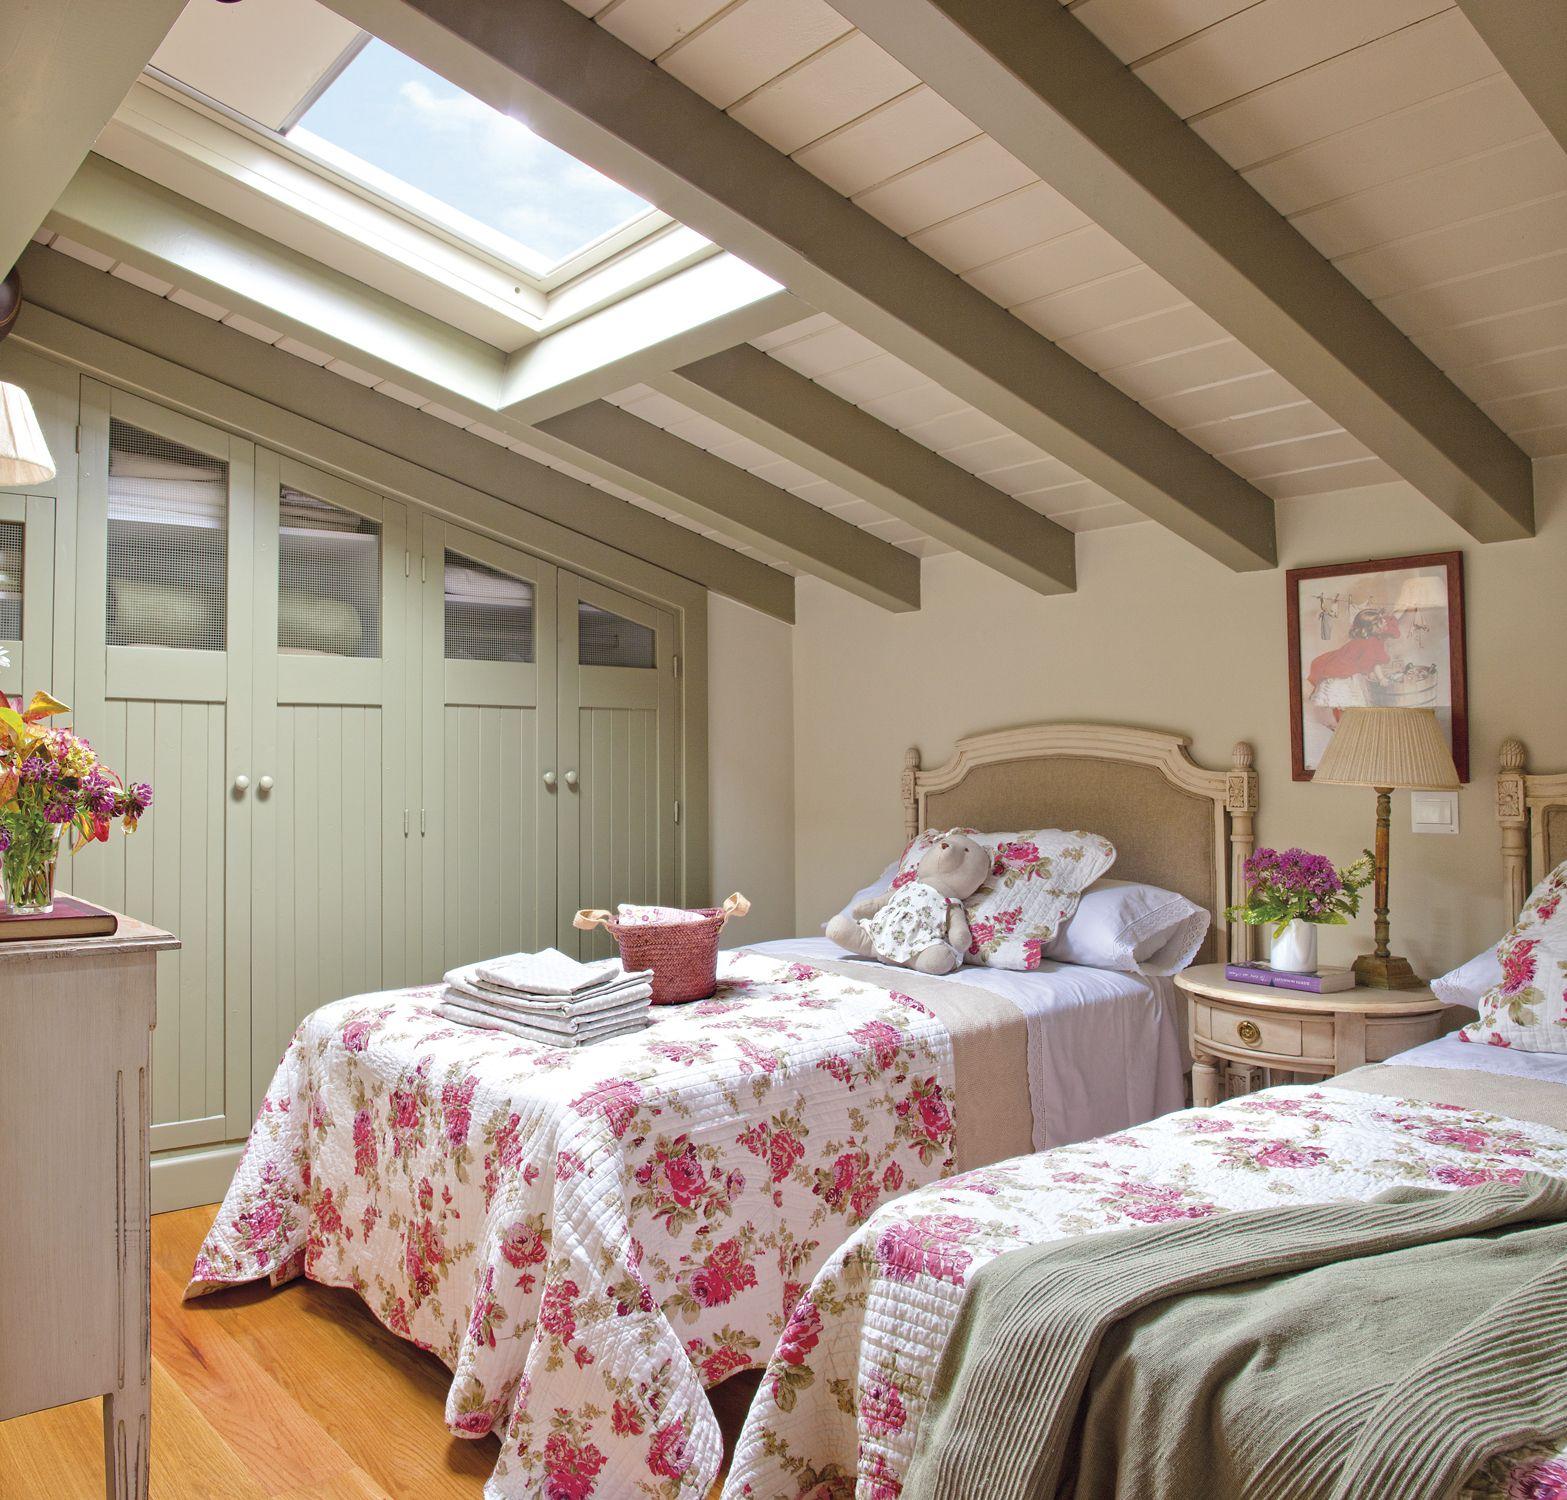 00370165 | Dormitorio, Bienvenido y Decoración